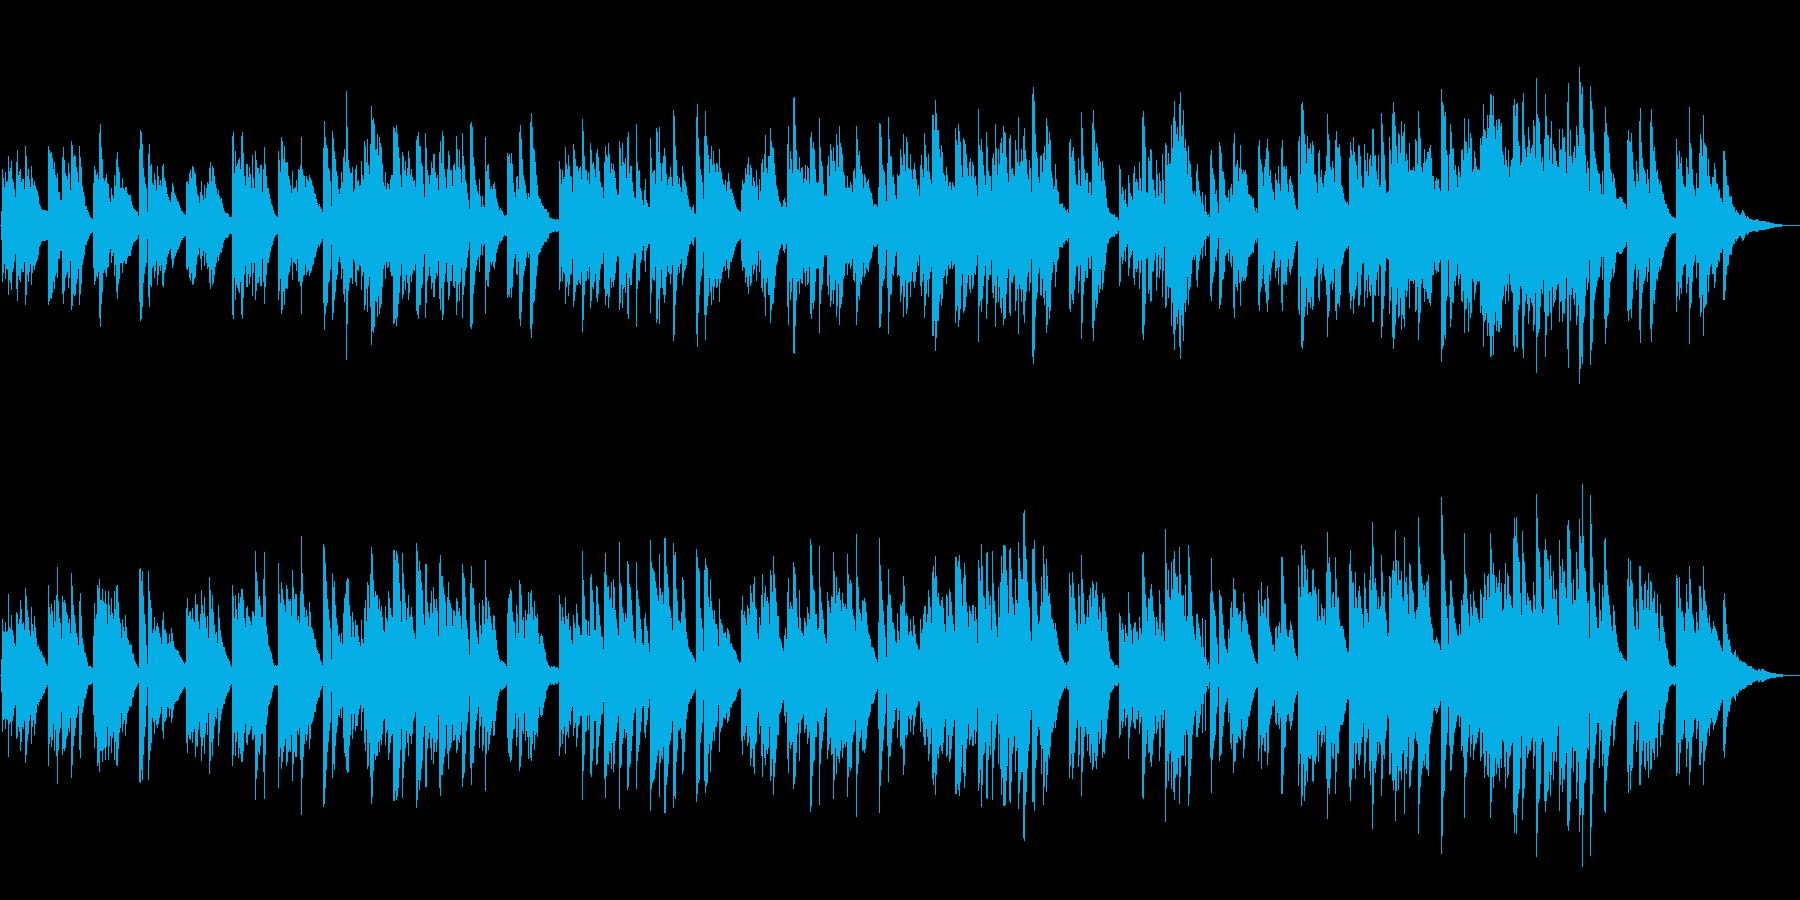 静かなピアノソロ ヒーリングかつ感動の再生済みの波形